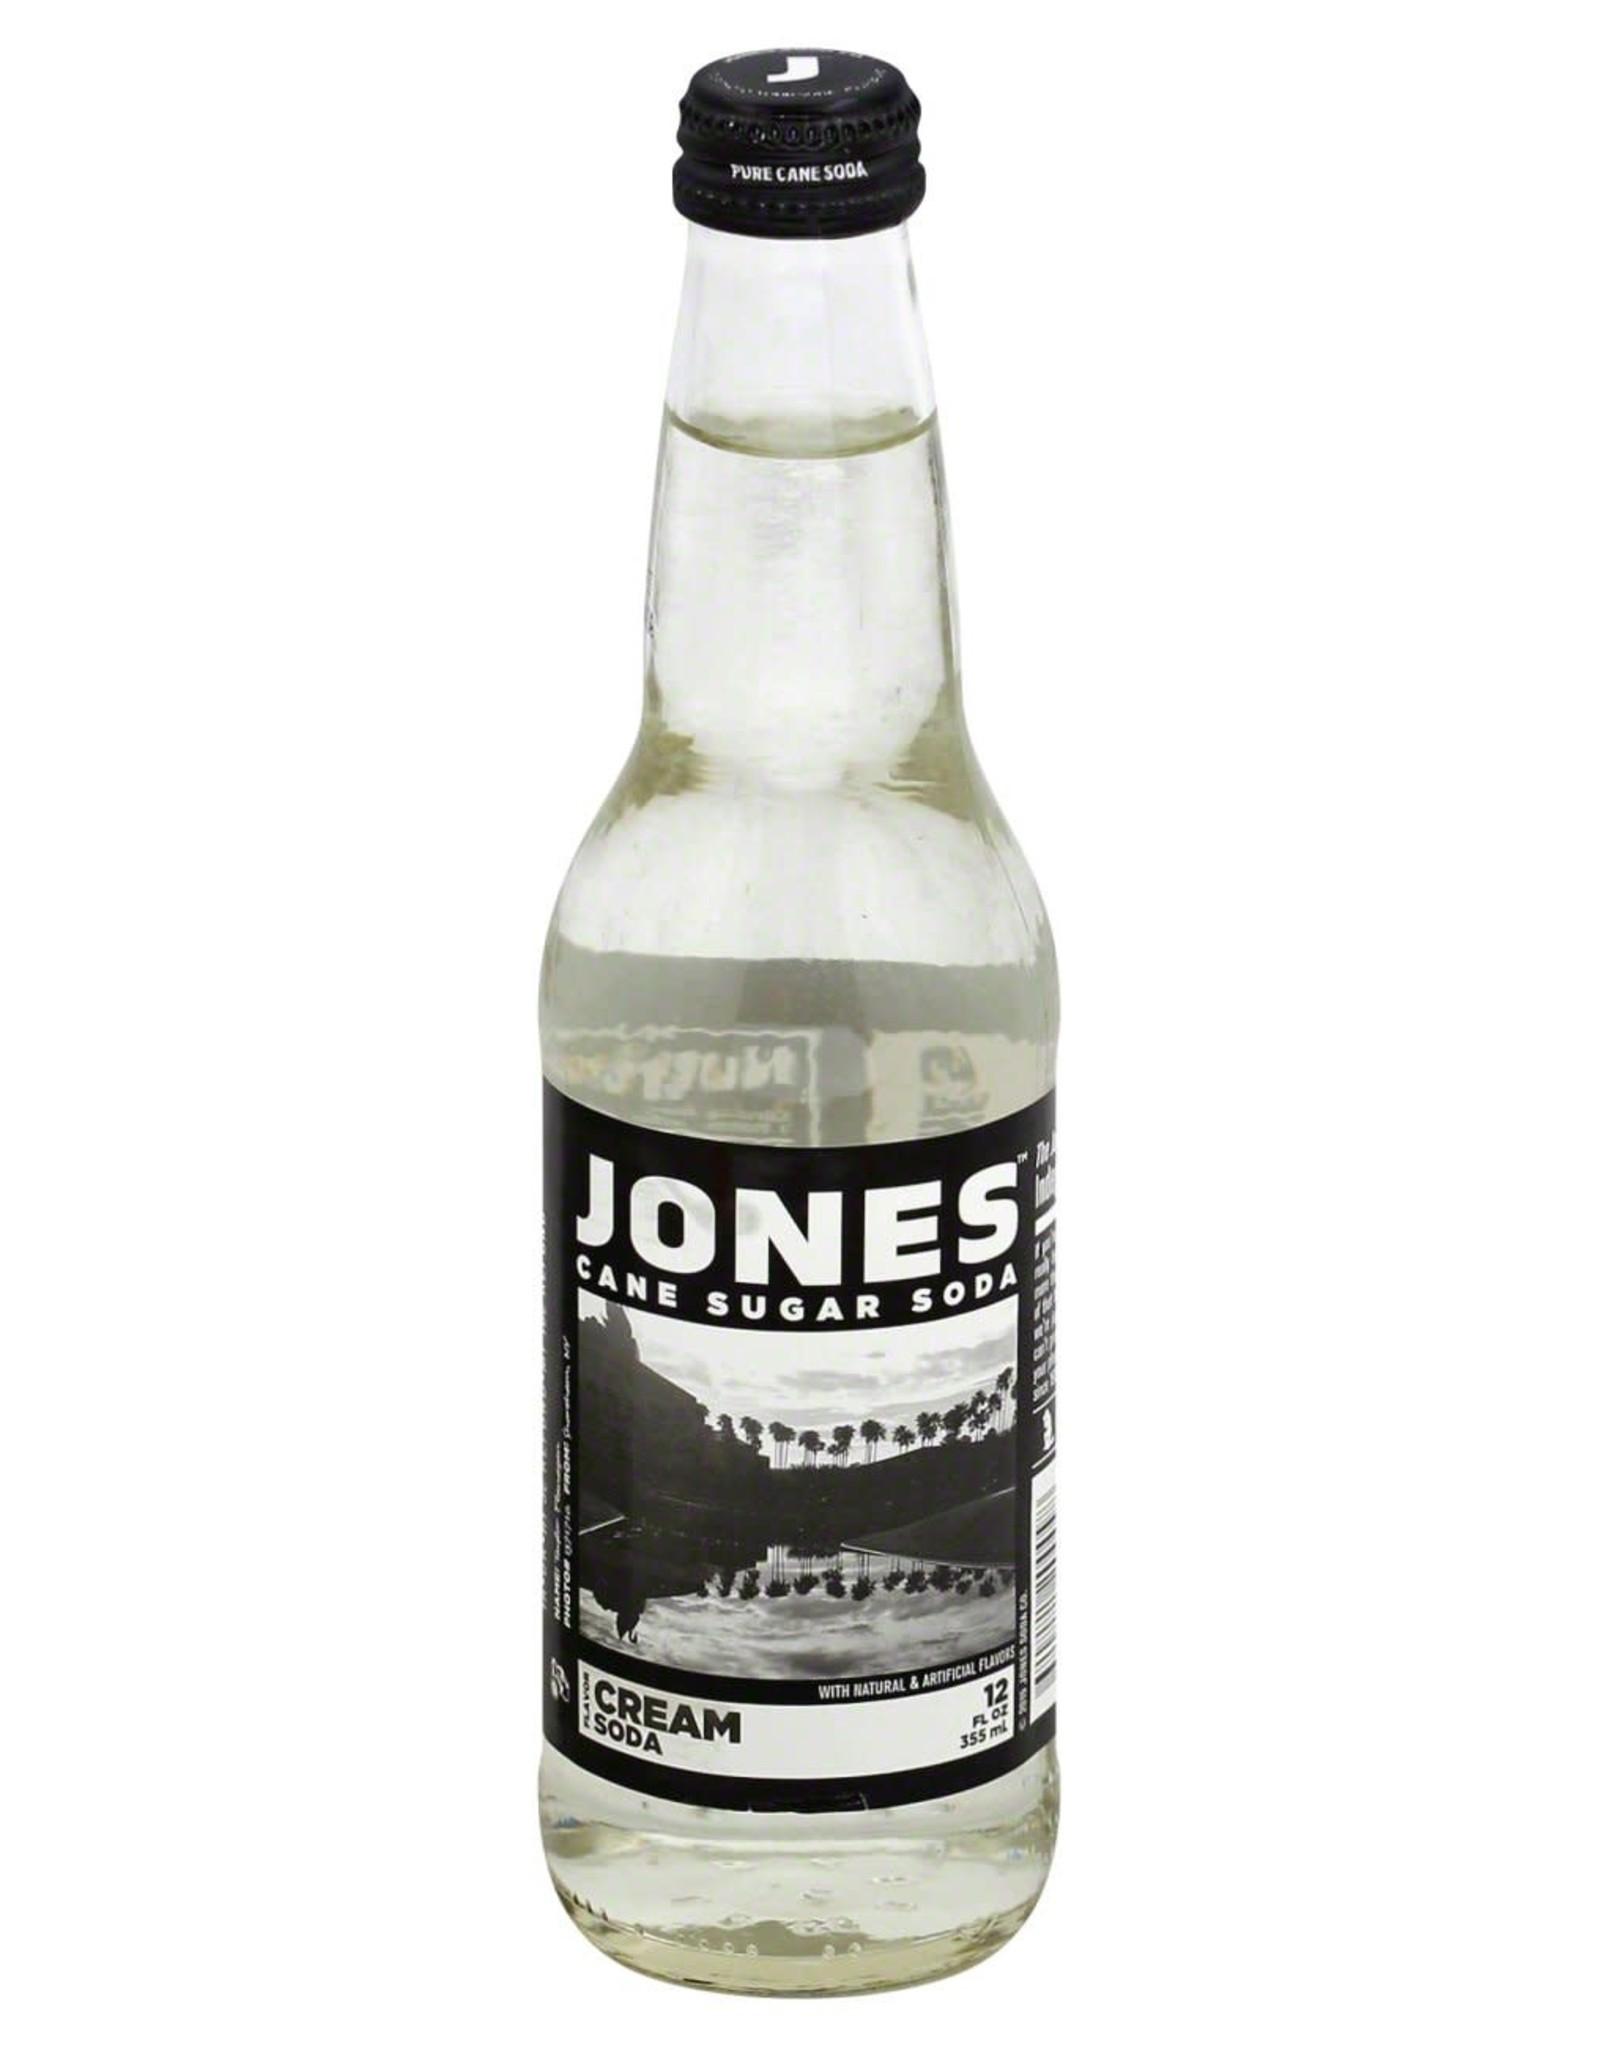 Jones Soda Co Jones Soda Cream Sodav(12 oz.)